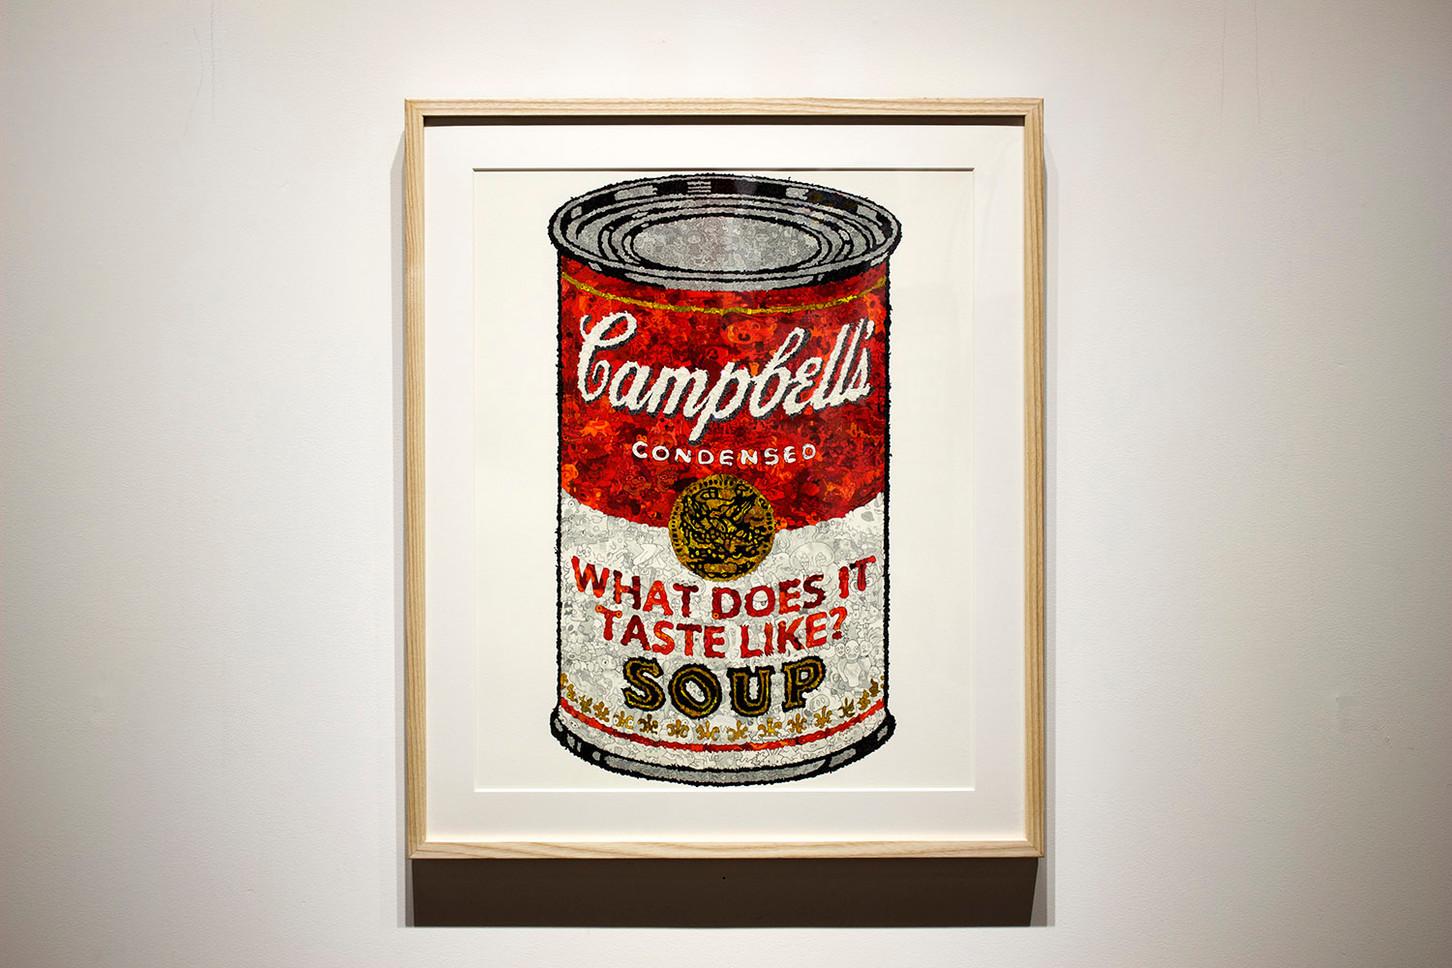 キャンベルのスープ缶 -WHAT DOES IT TASTE LIKE?-